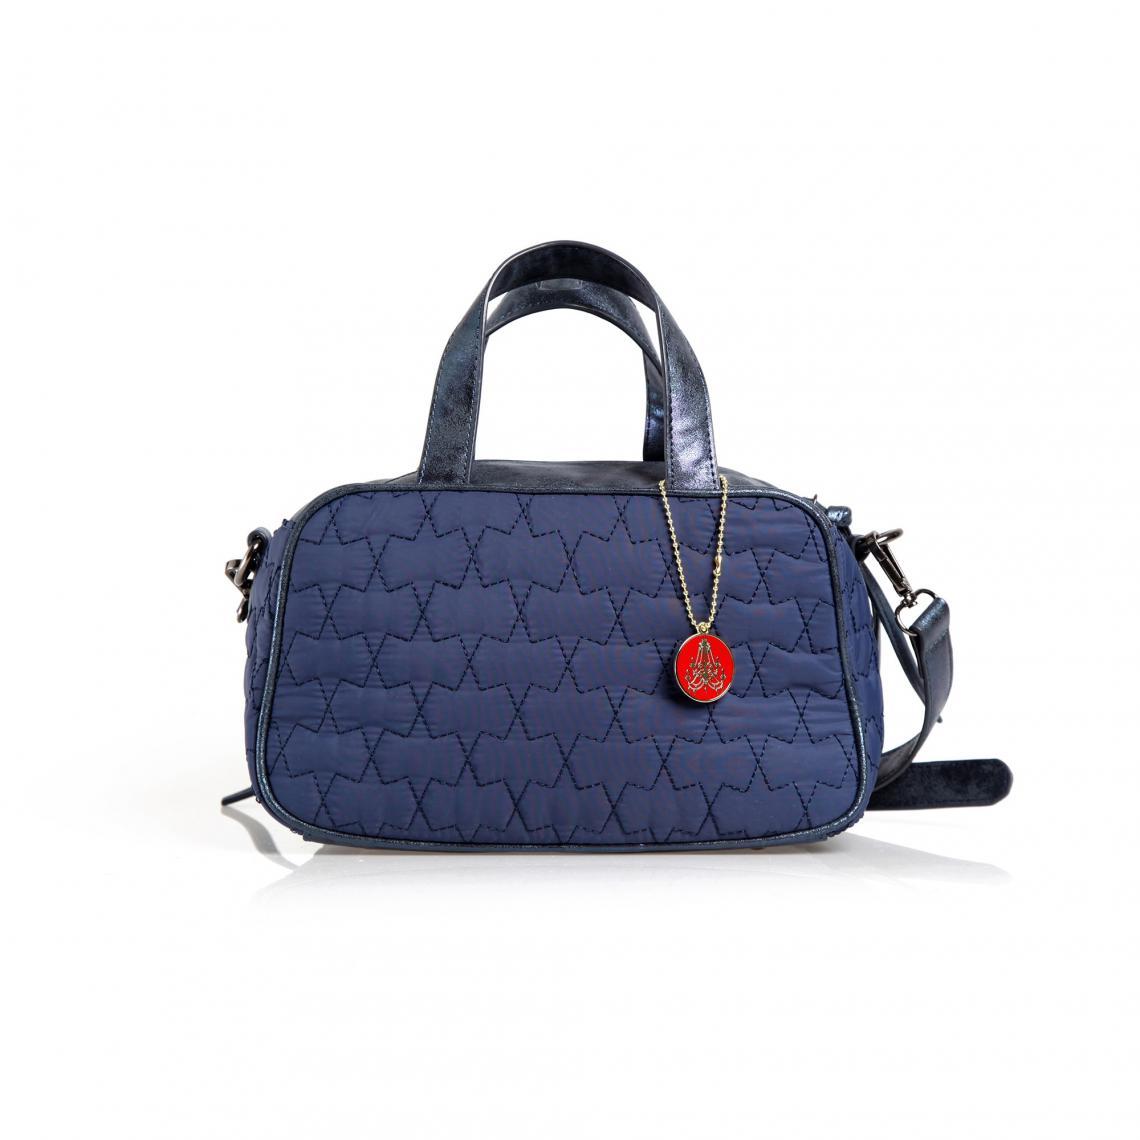 5b47b5757f Sac à main anses et bandoulière ajustable femme - Bleu Marine | 3 ...